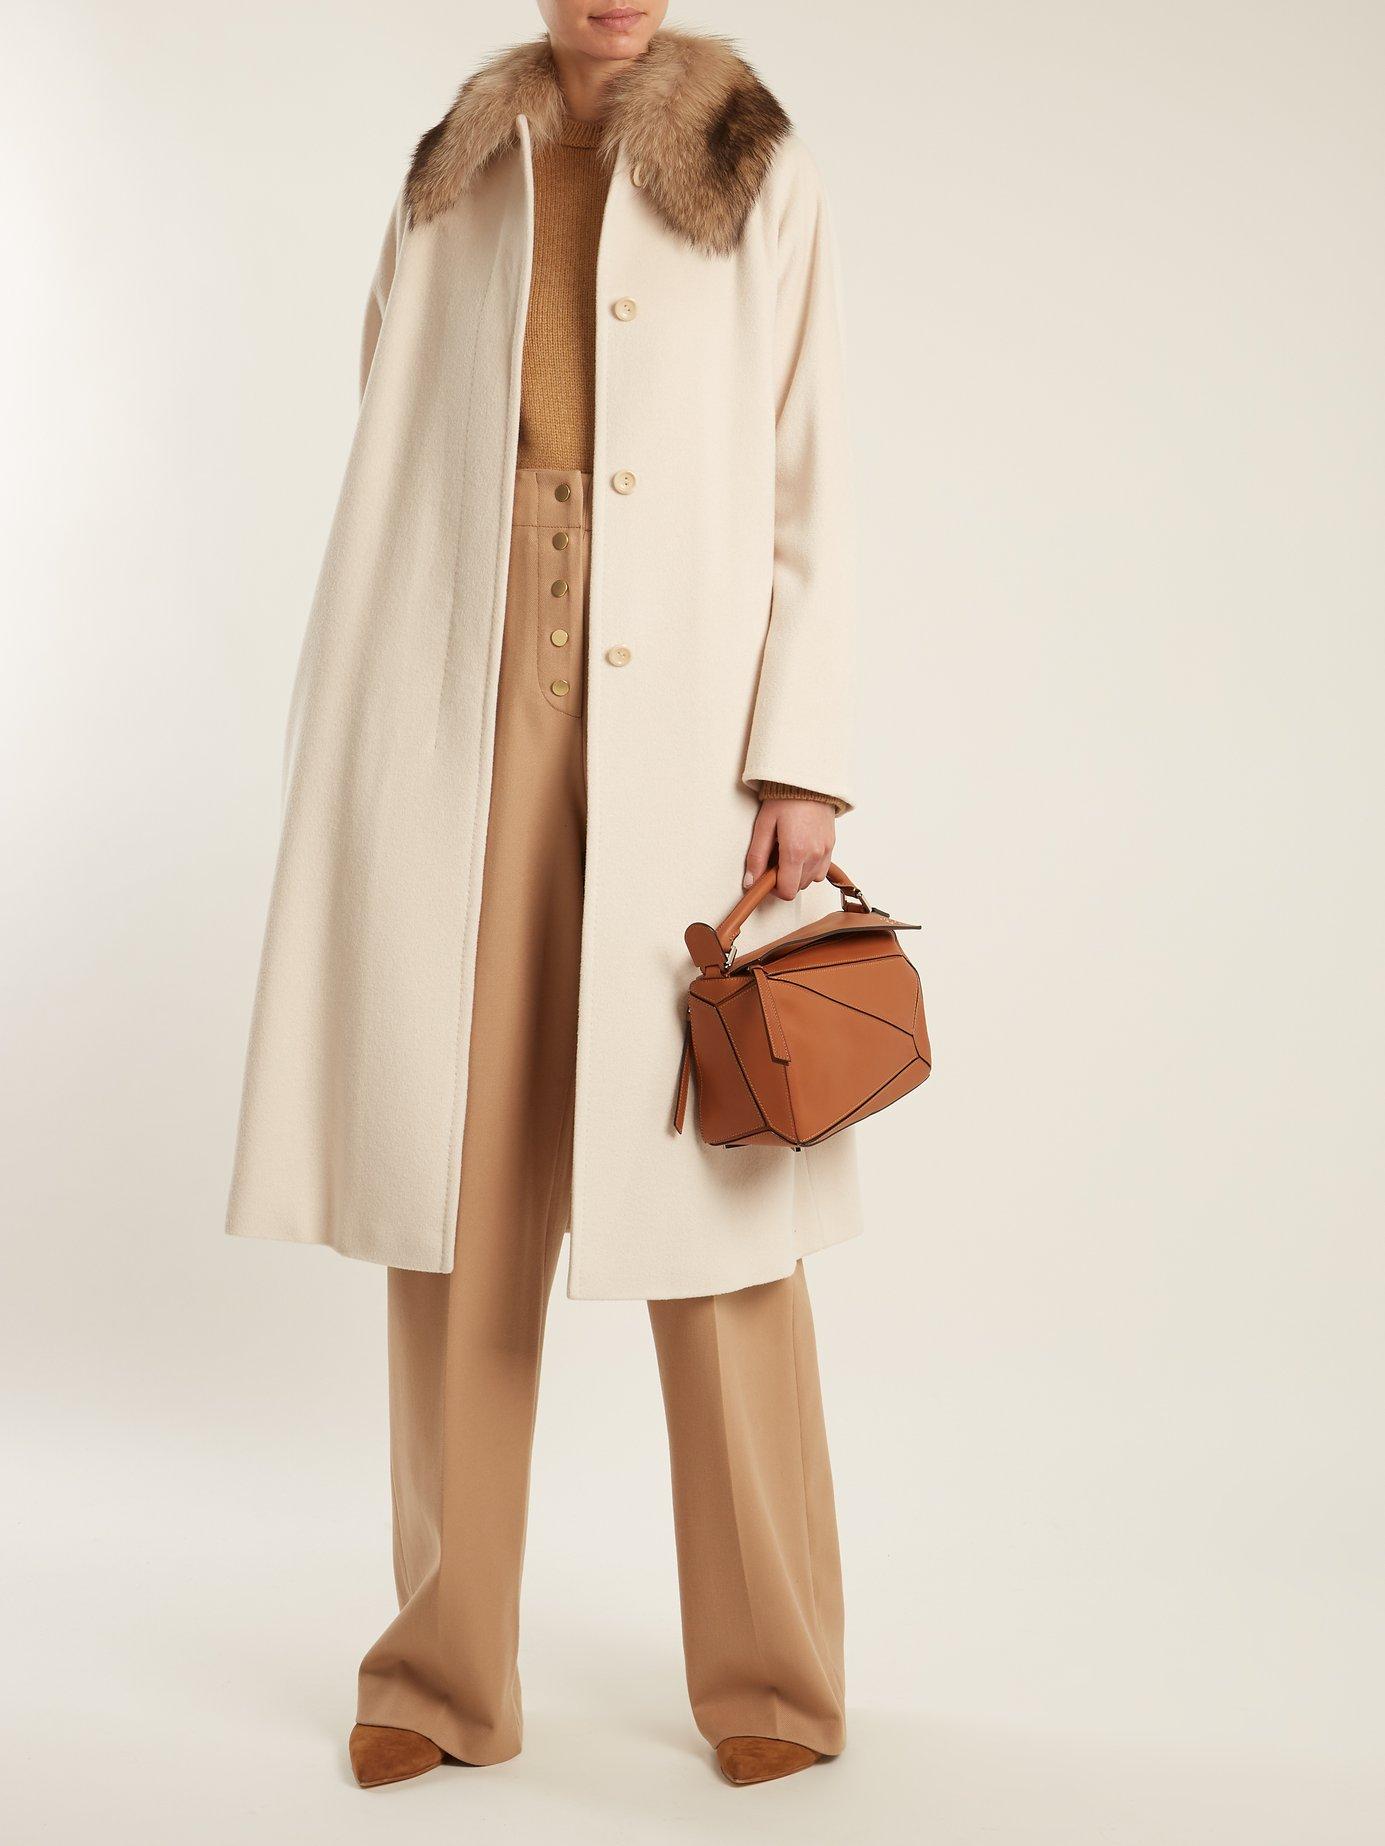 Loris coat by Max Mara Studio